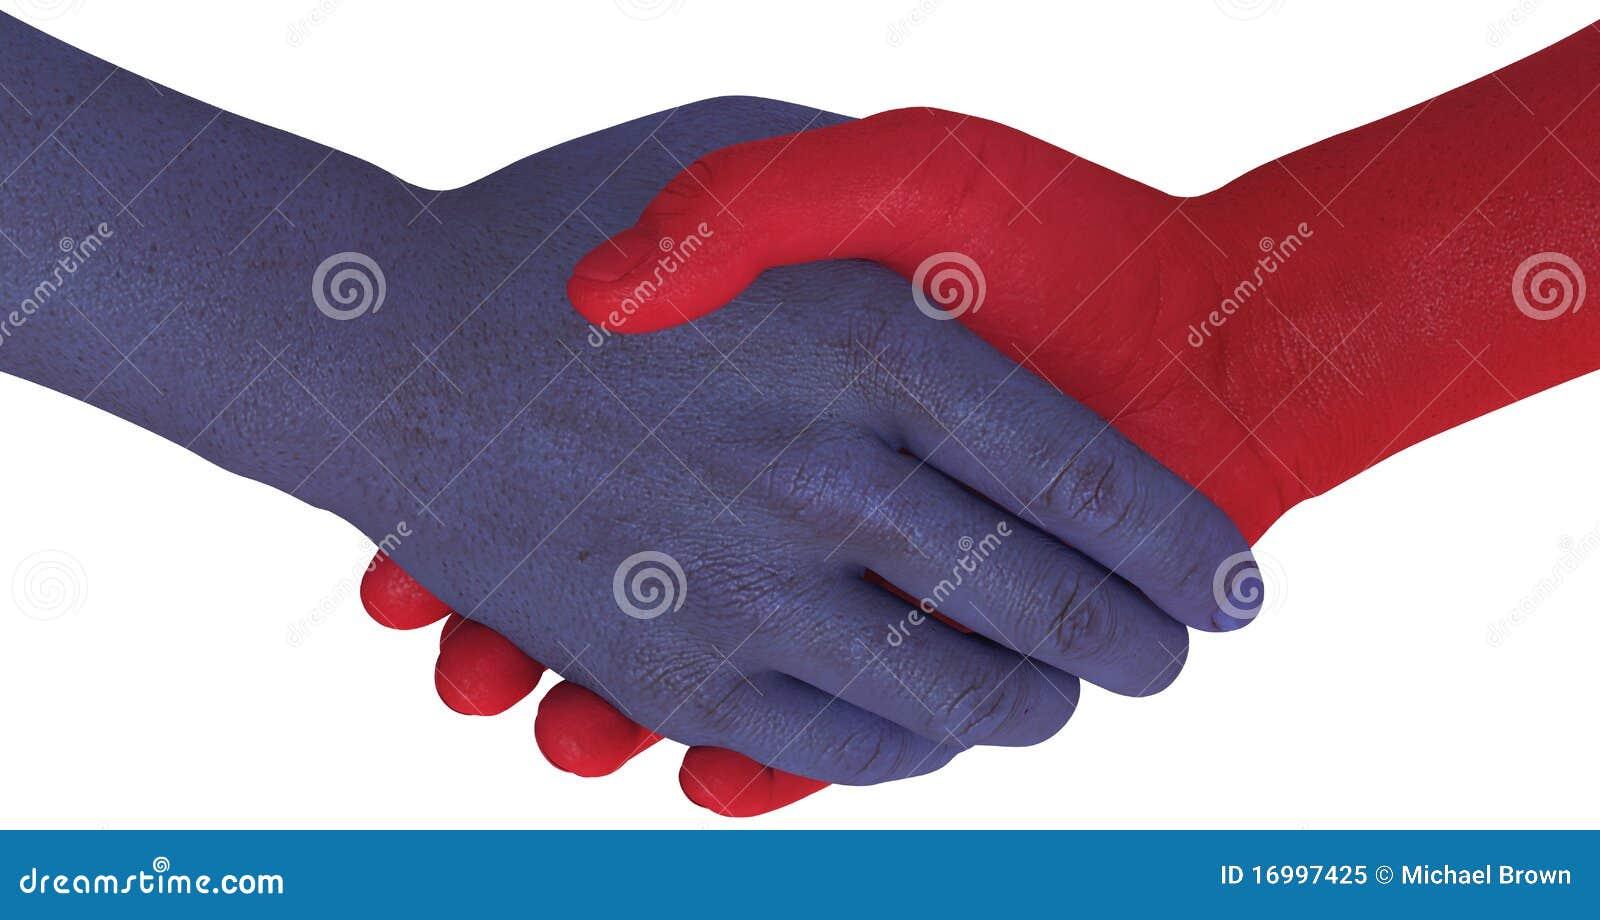 Komm överens sidor för shaken för compromisehandopposition